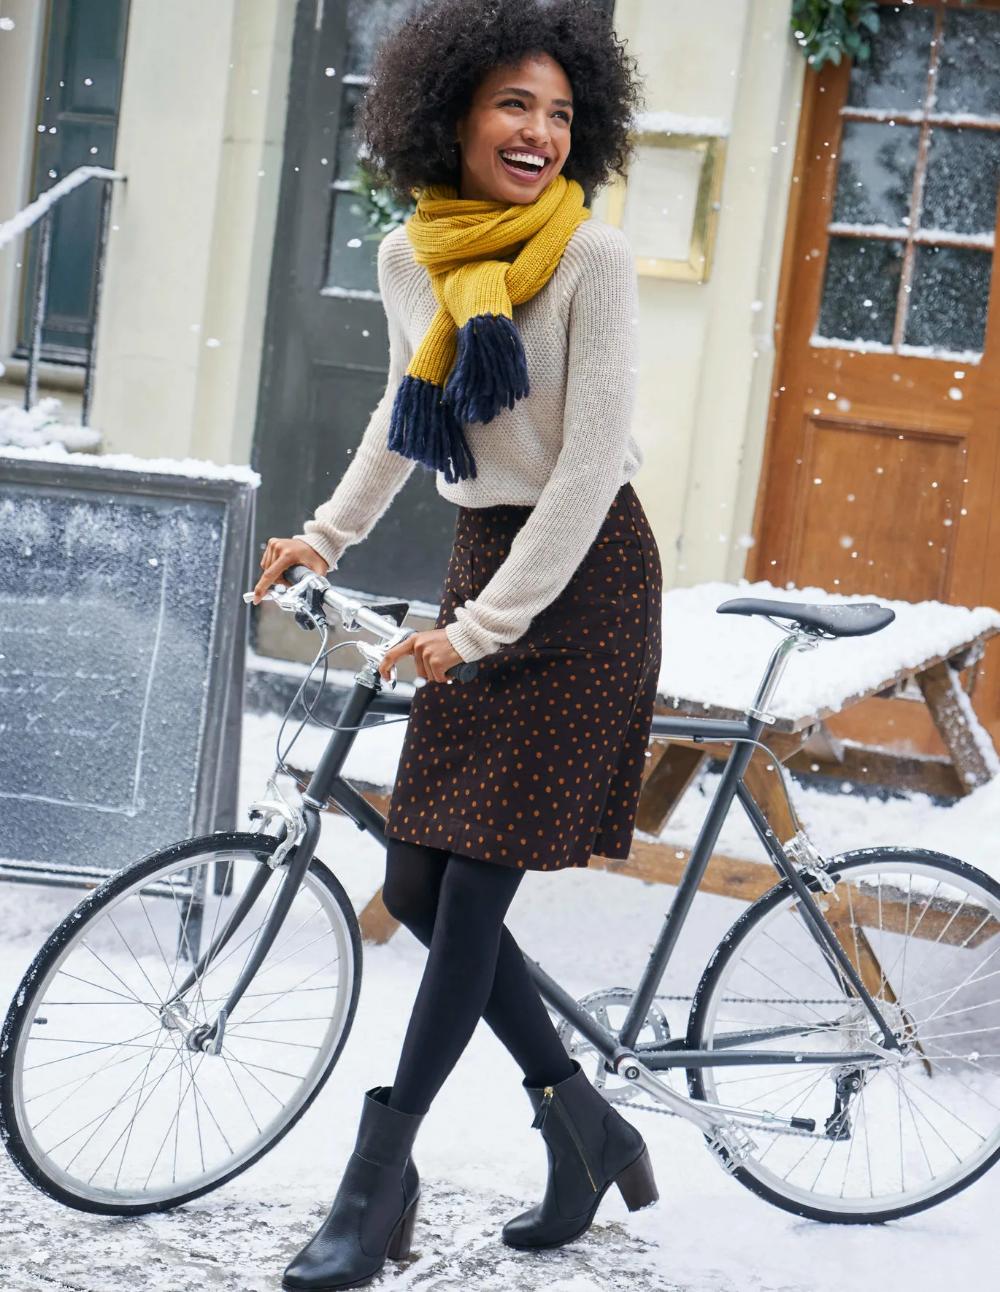 Fahrrad im dem minirock auf Fahrradfahren mit